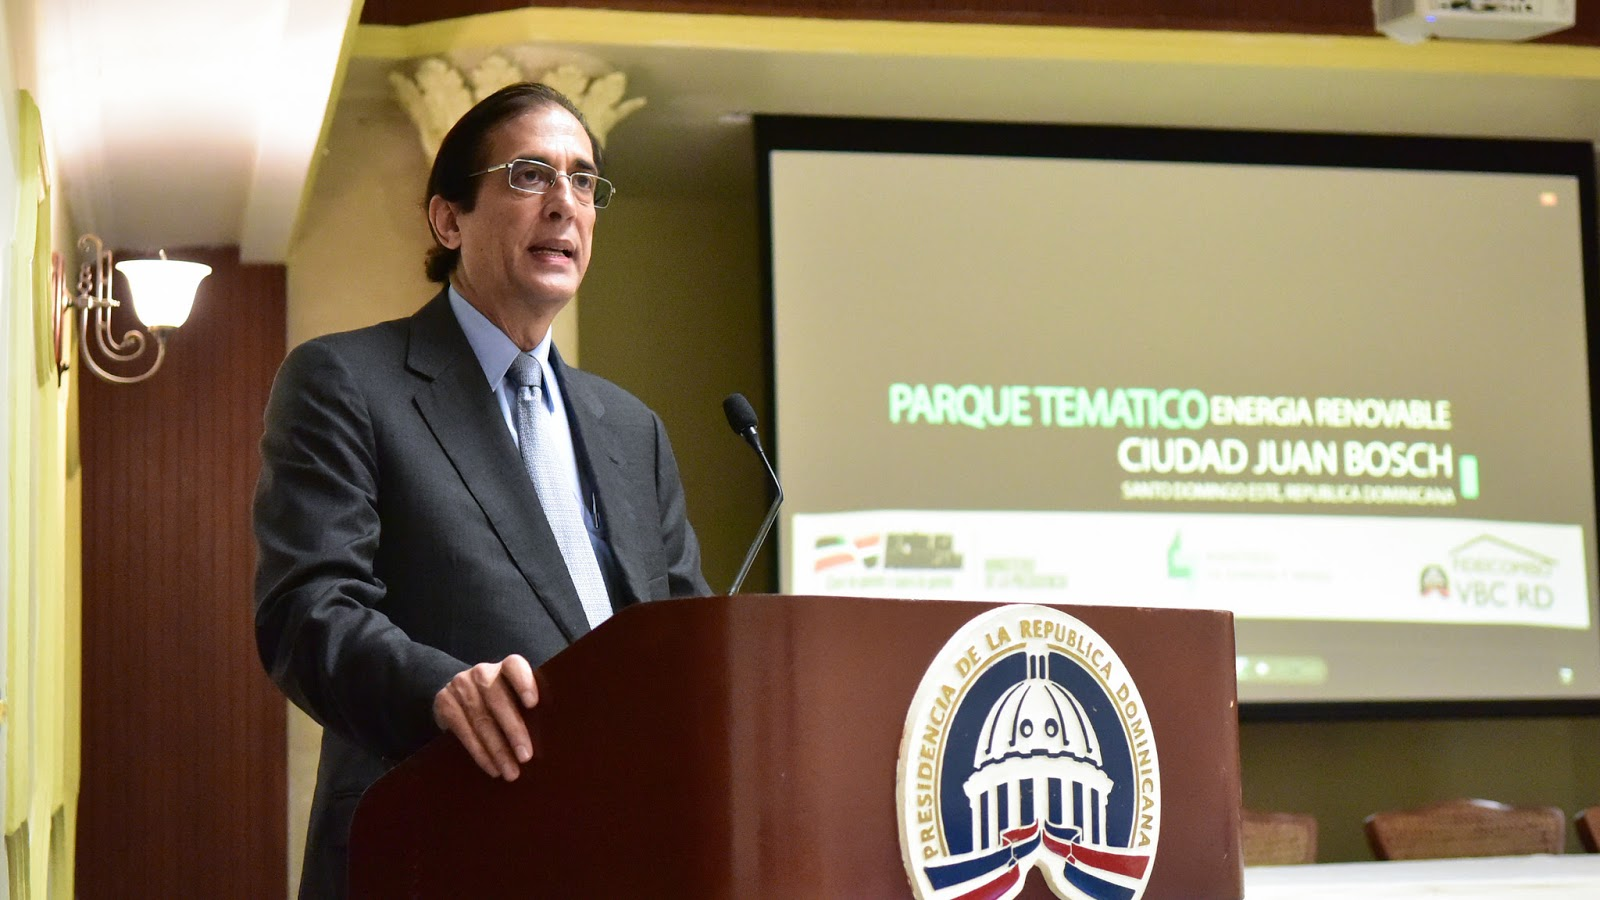 VIDEO: Gustavo Montalvo anuncia construirán Parque Temático Energía Renovable de Ciudad Juan Bosch